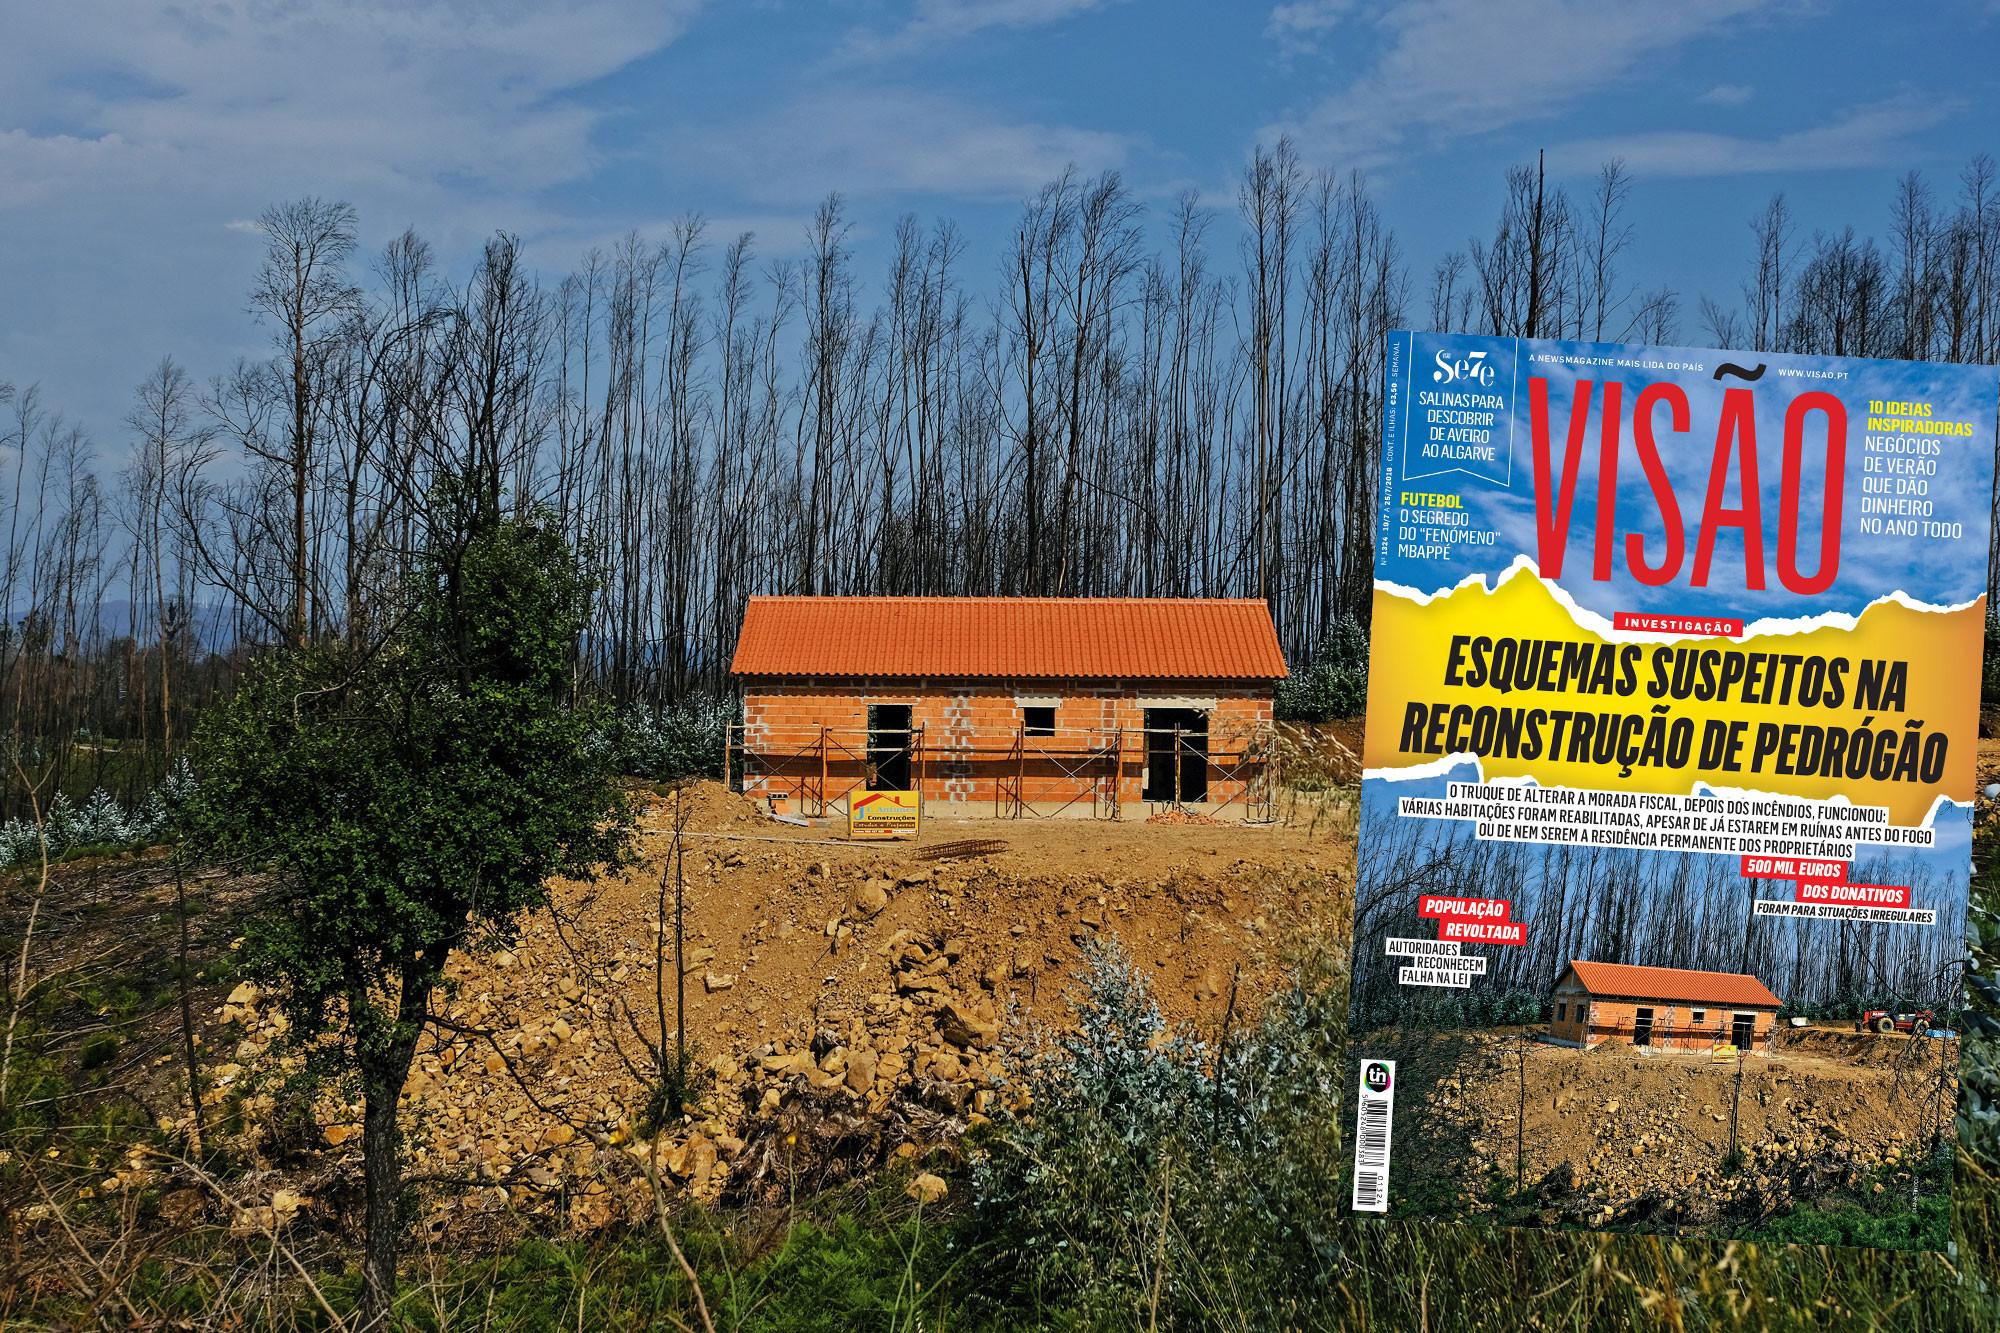 Já há quatro arguidos no caso dos apoios à resconstrução de casas em Pedrógão Grande